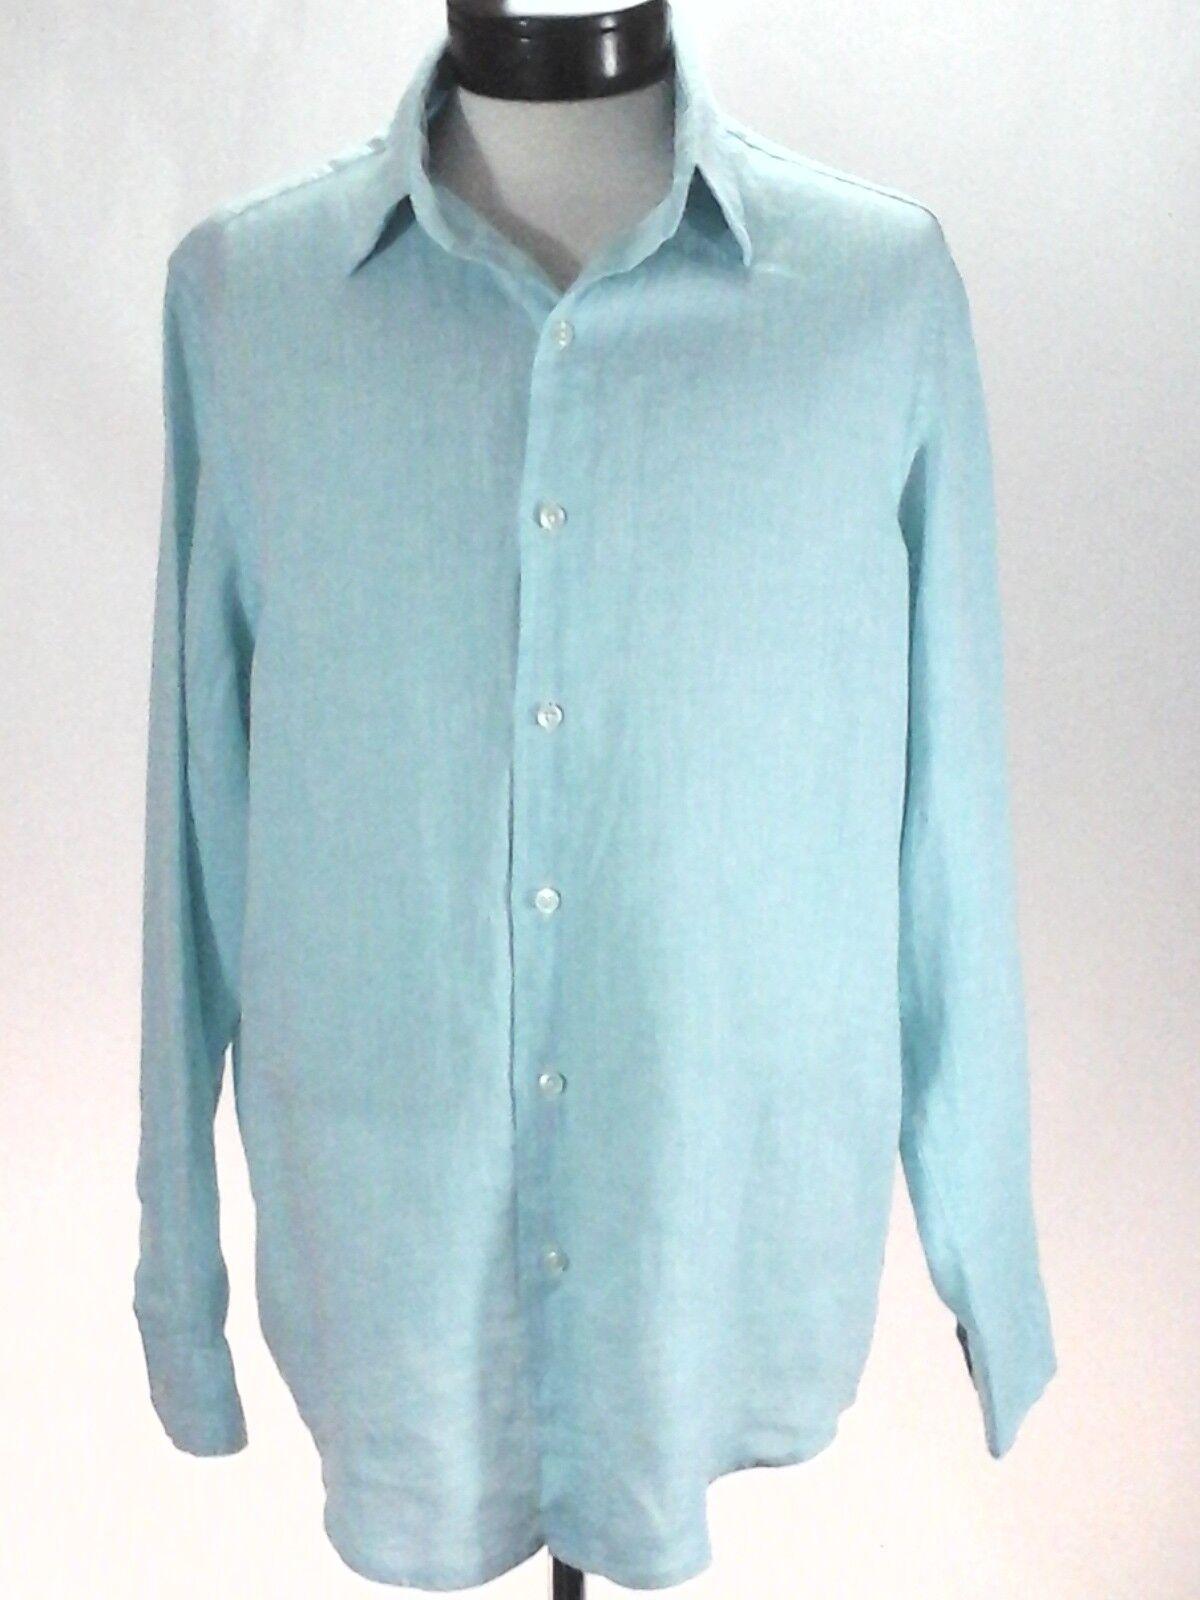 Linen Shirt TASSO ELBA Mint Green Combo Button Up Long Sleeve Men's L  New